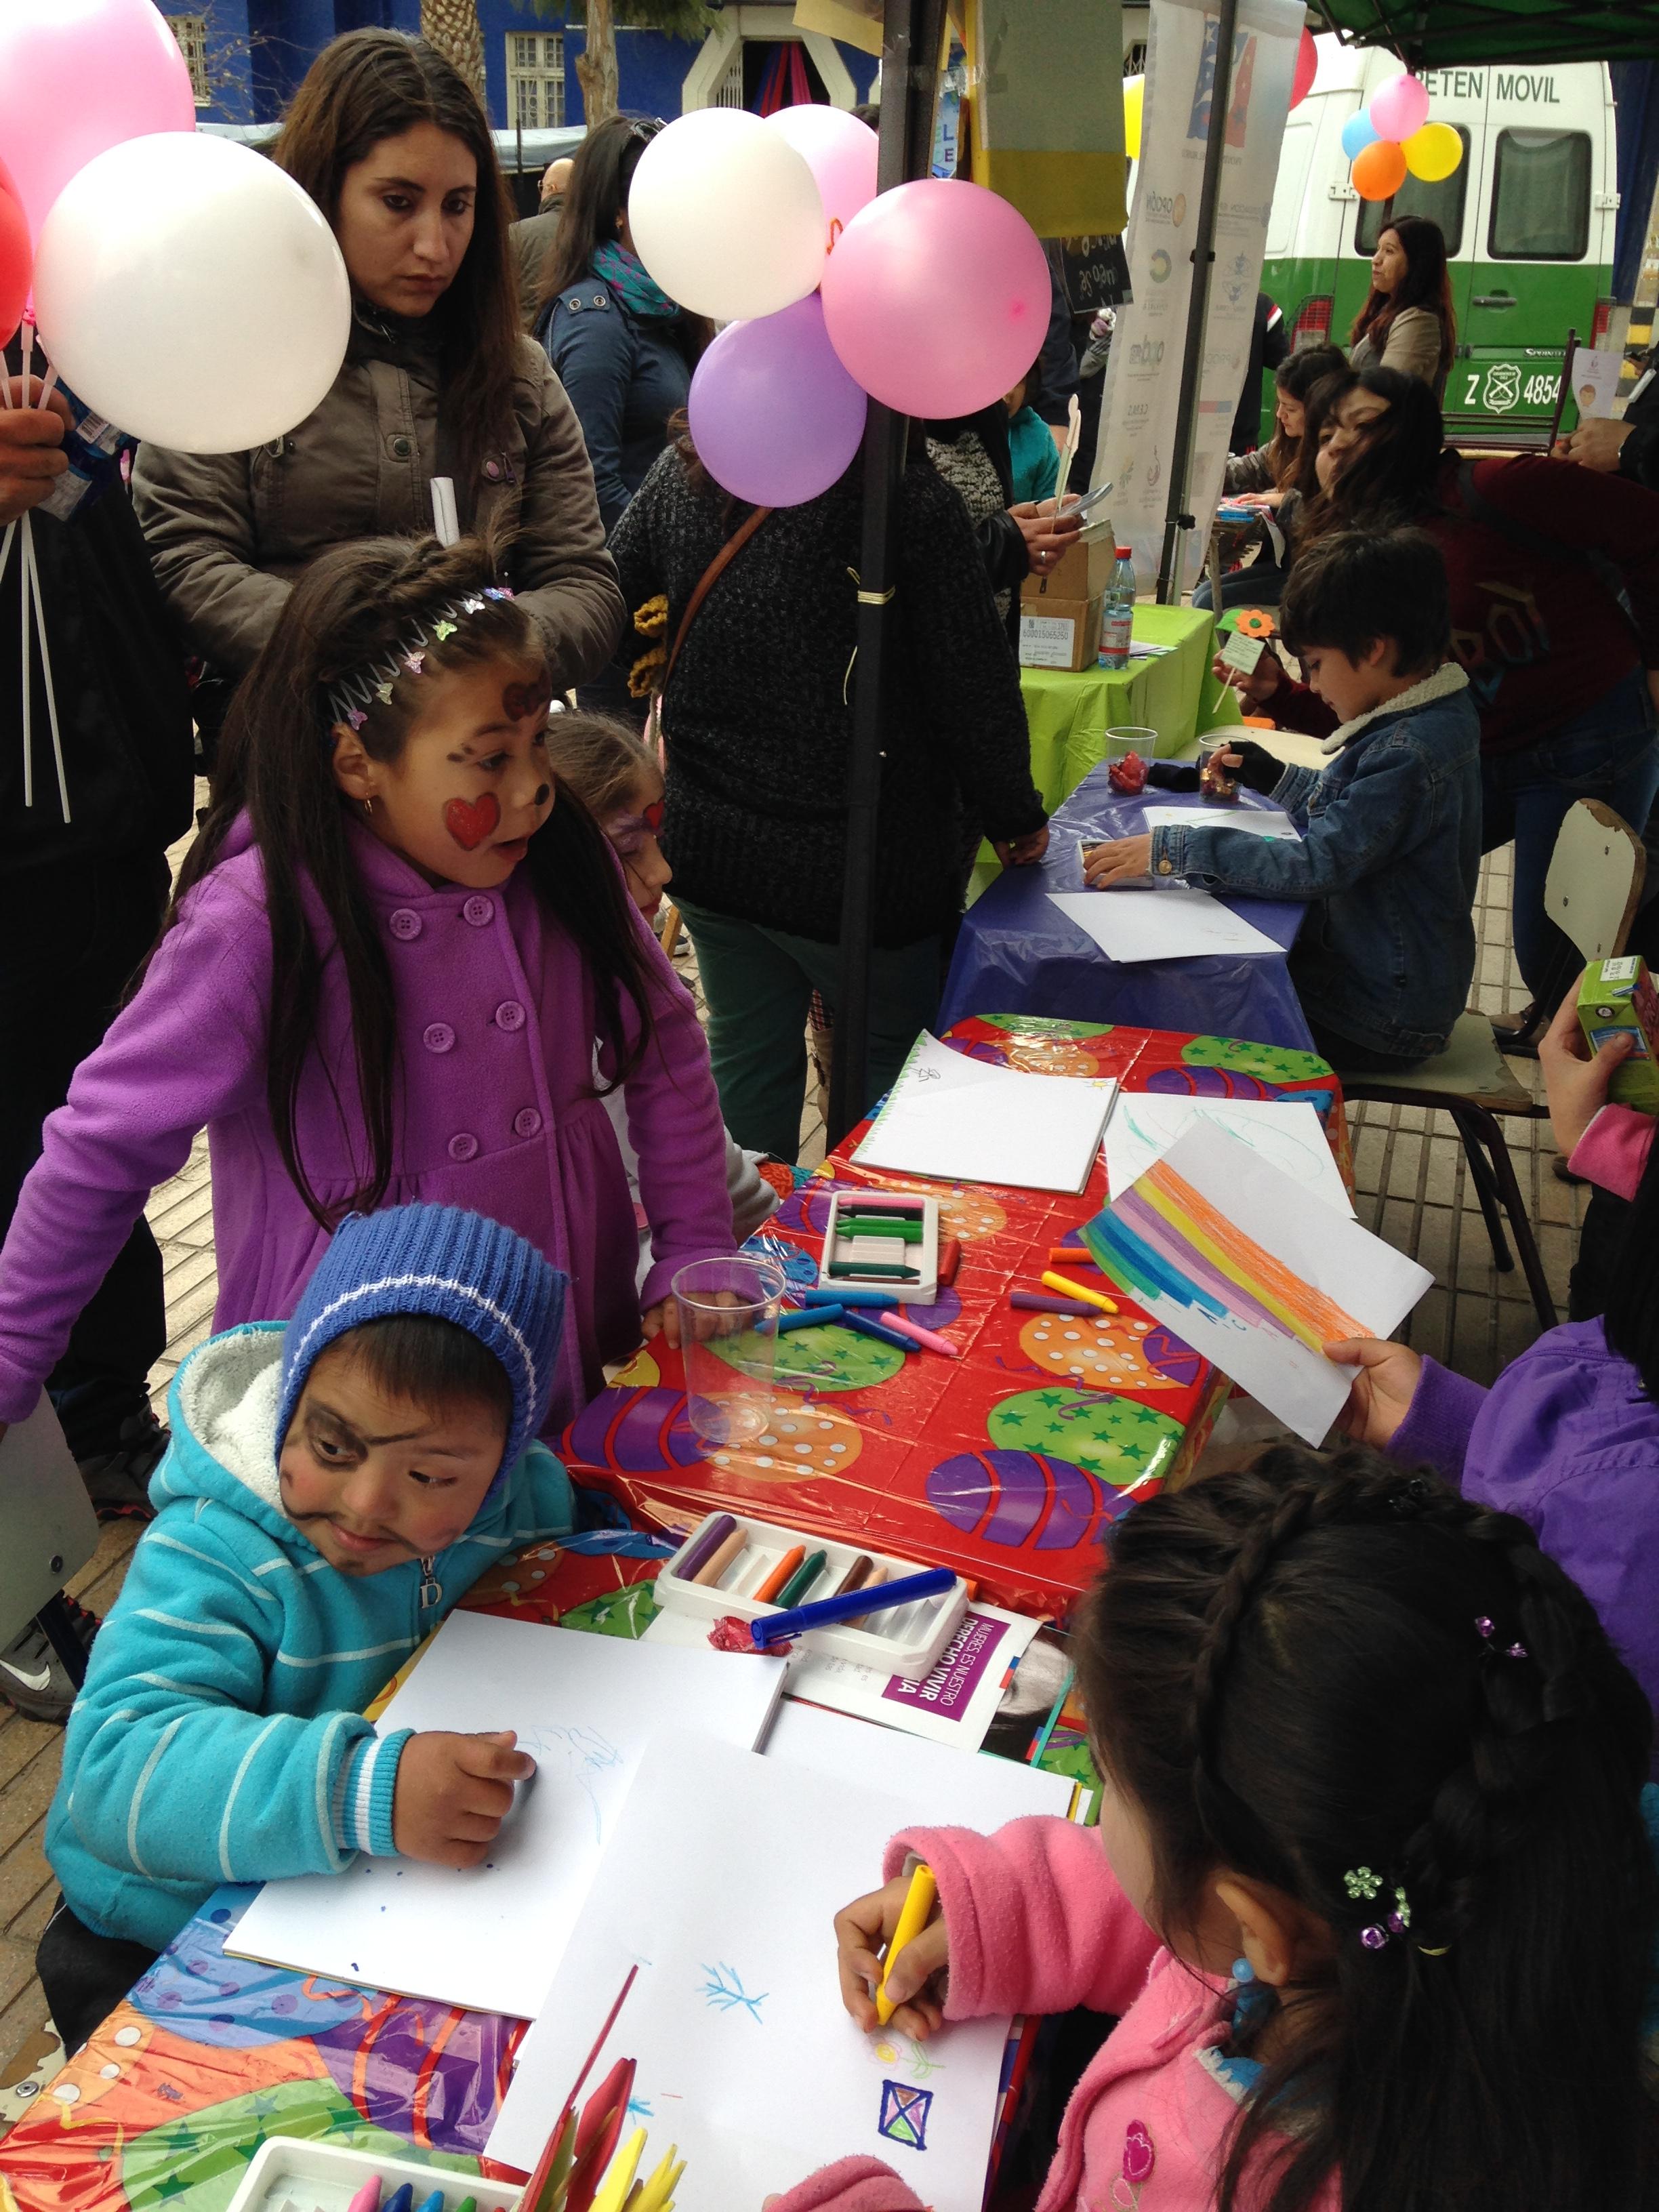 """Realizan Taller """"Todos juntos por la infancia"""" para celebrar día del niño en Vallenar"""